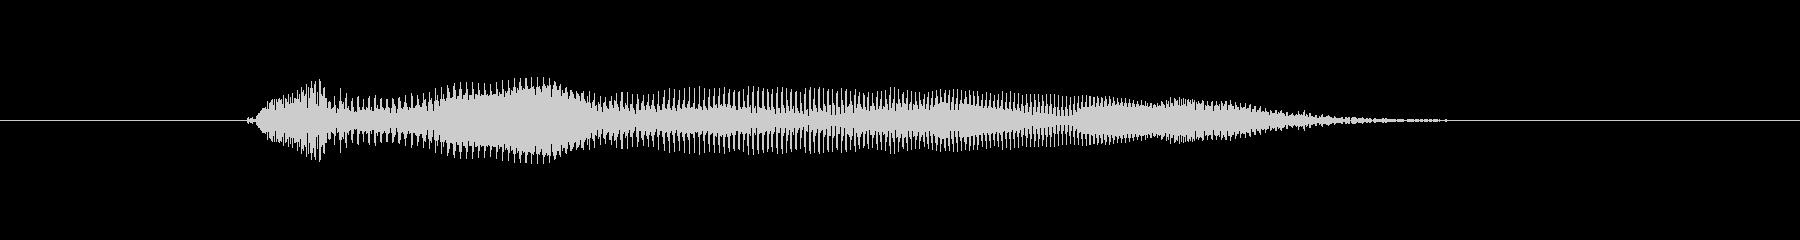 ていっの未再生の波形